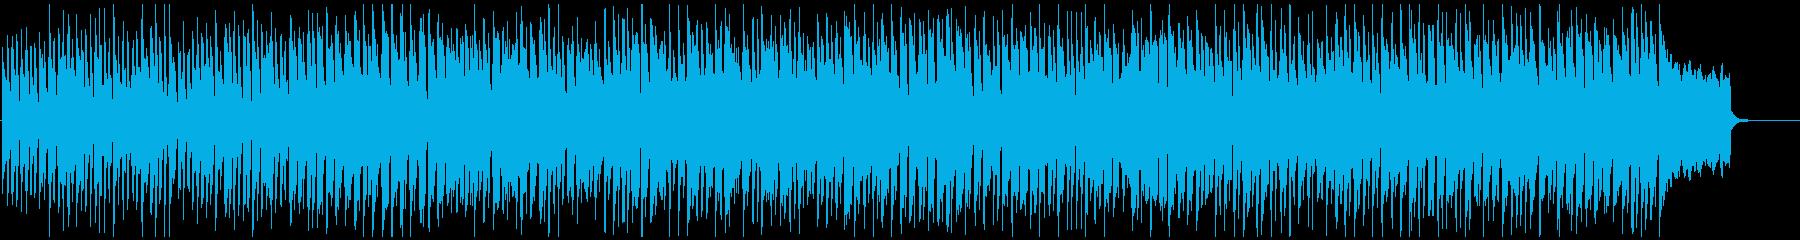 ひょうきんなカートゥーン系リコーダー劇伴の再生済みの波形